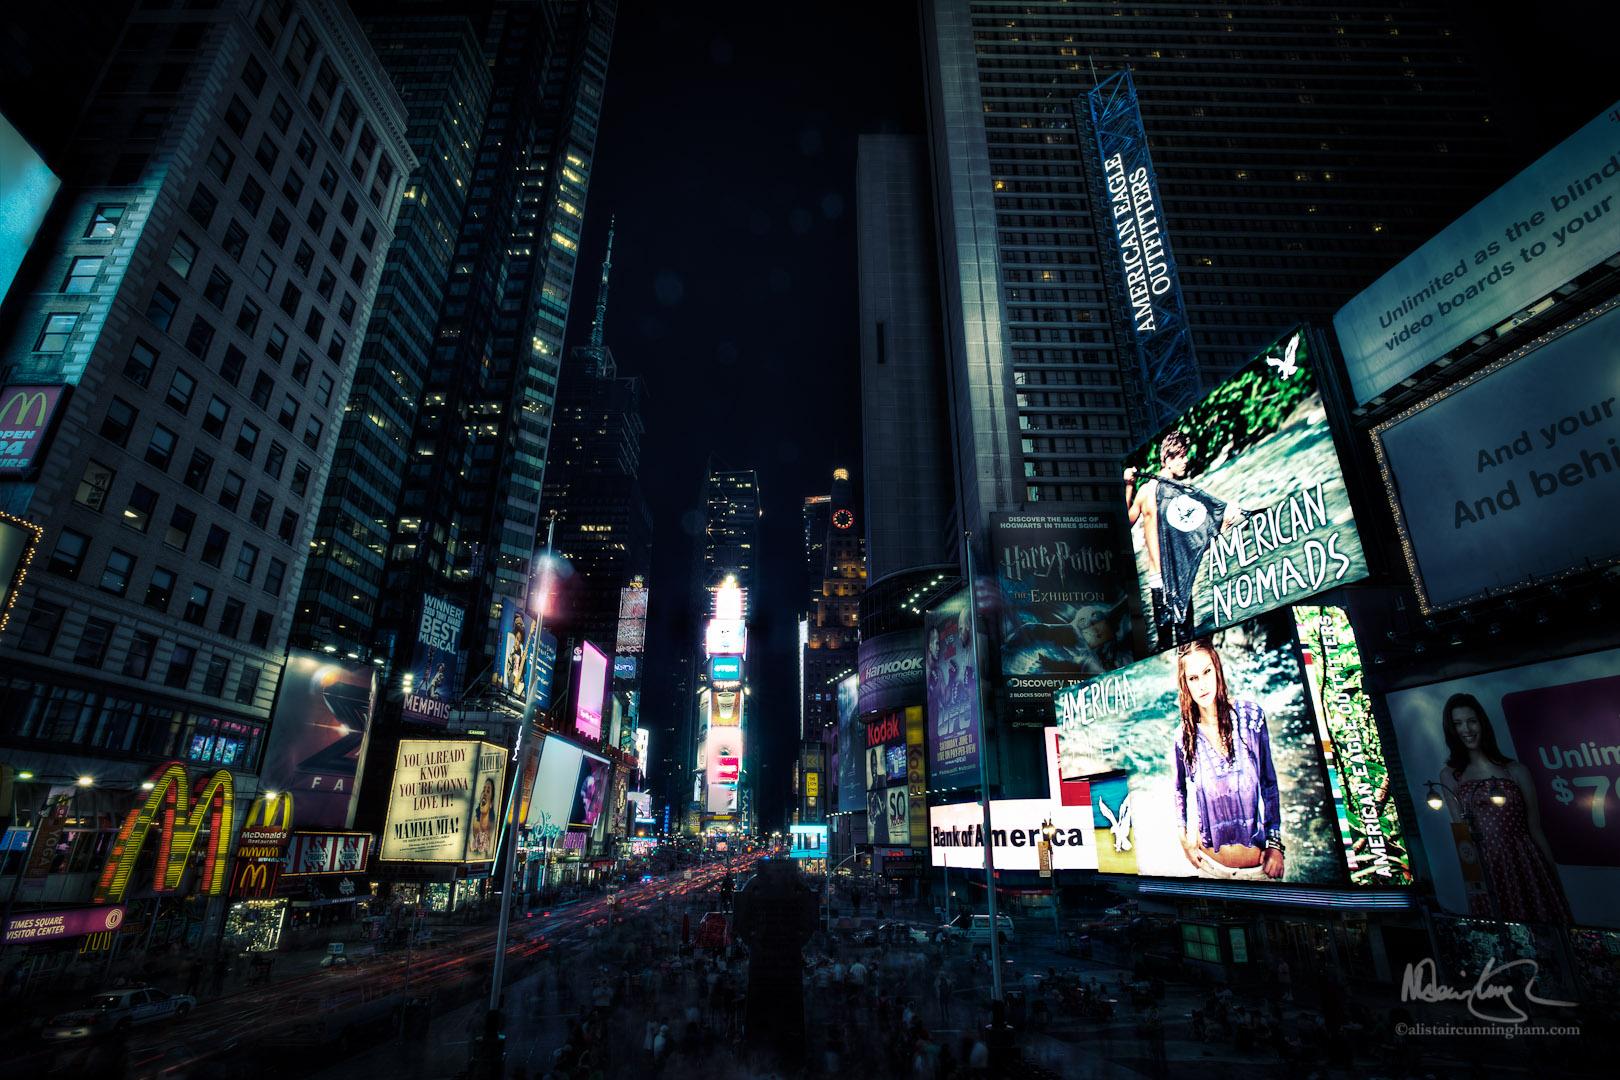 Cyberpunk in Time Square